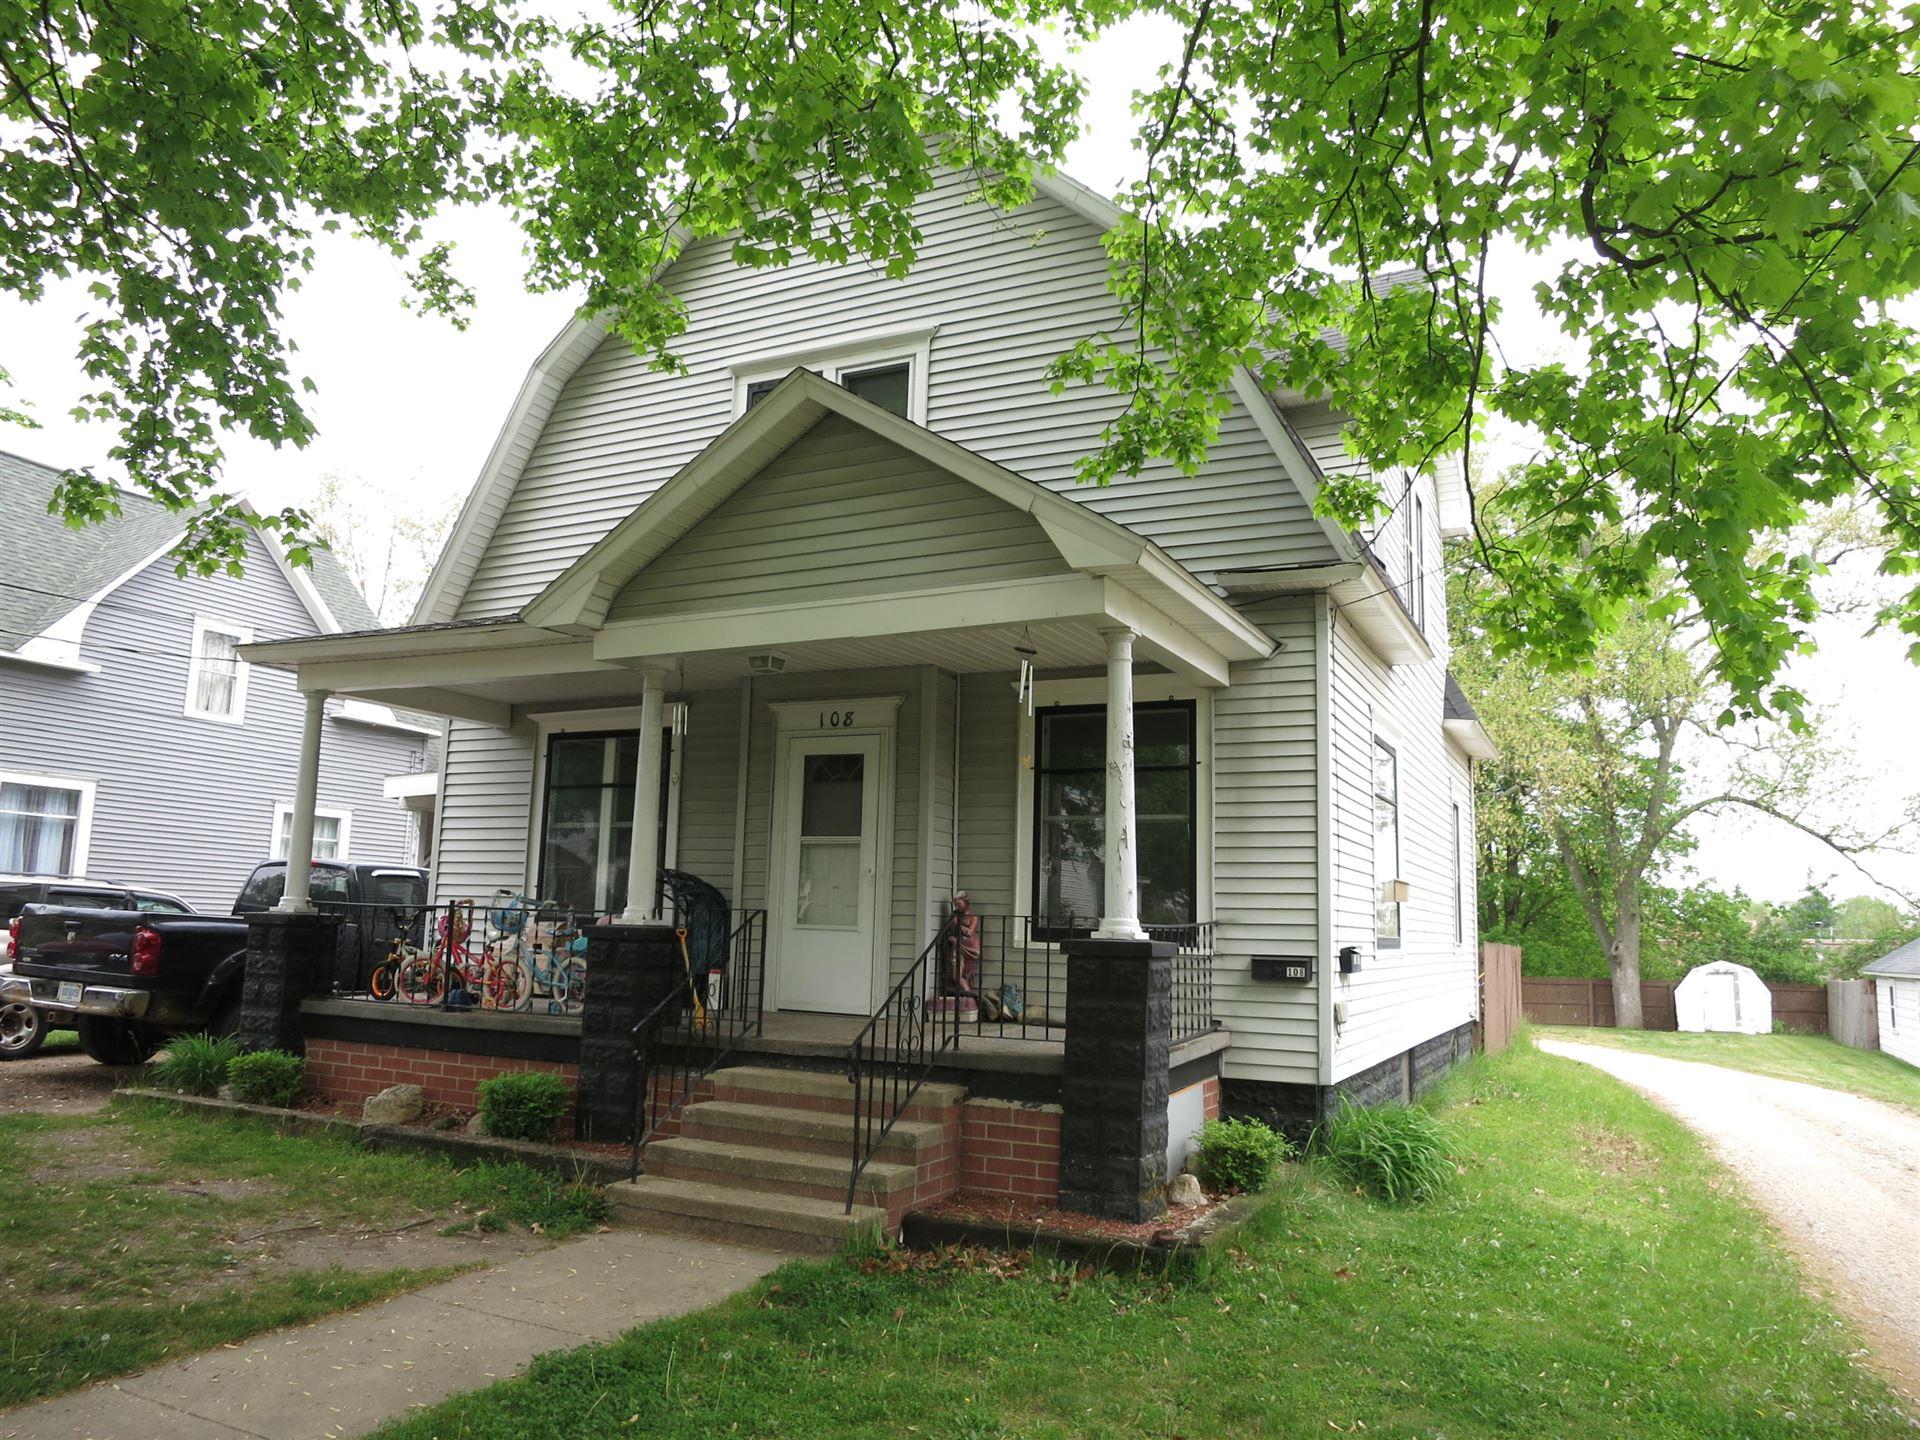 108 Pine Street, Decatur, MI 49045 - MLS#: 21102119